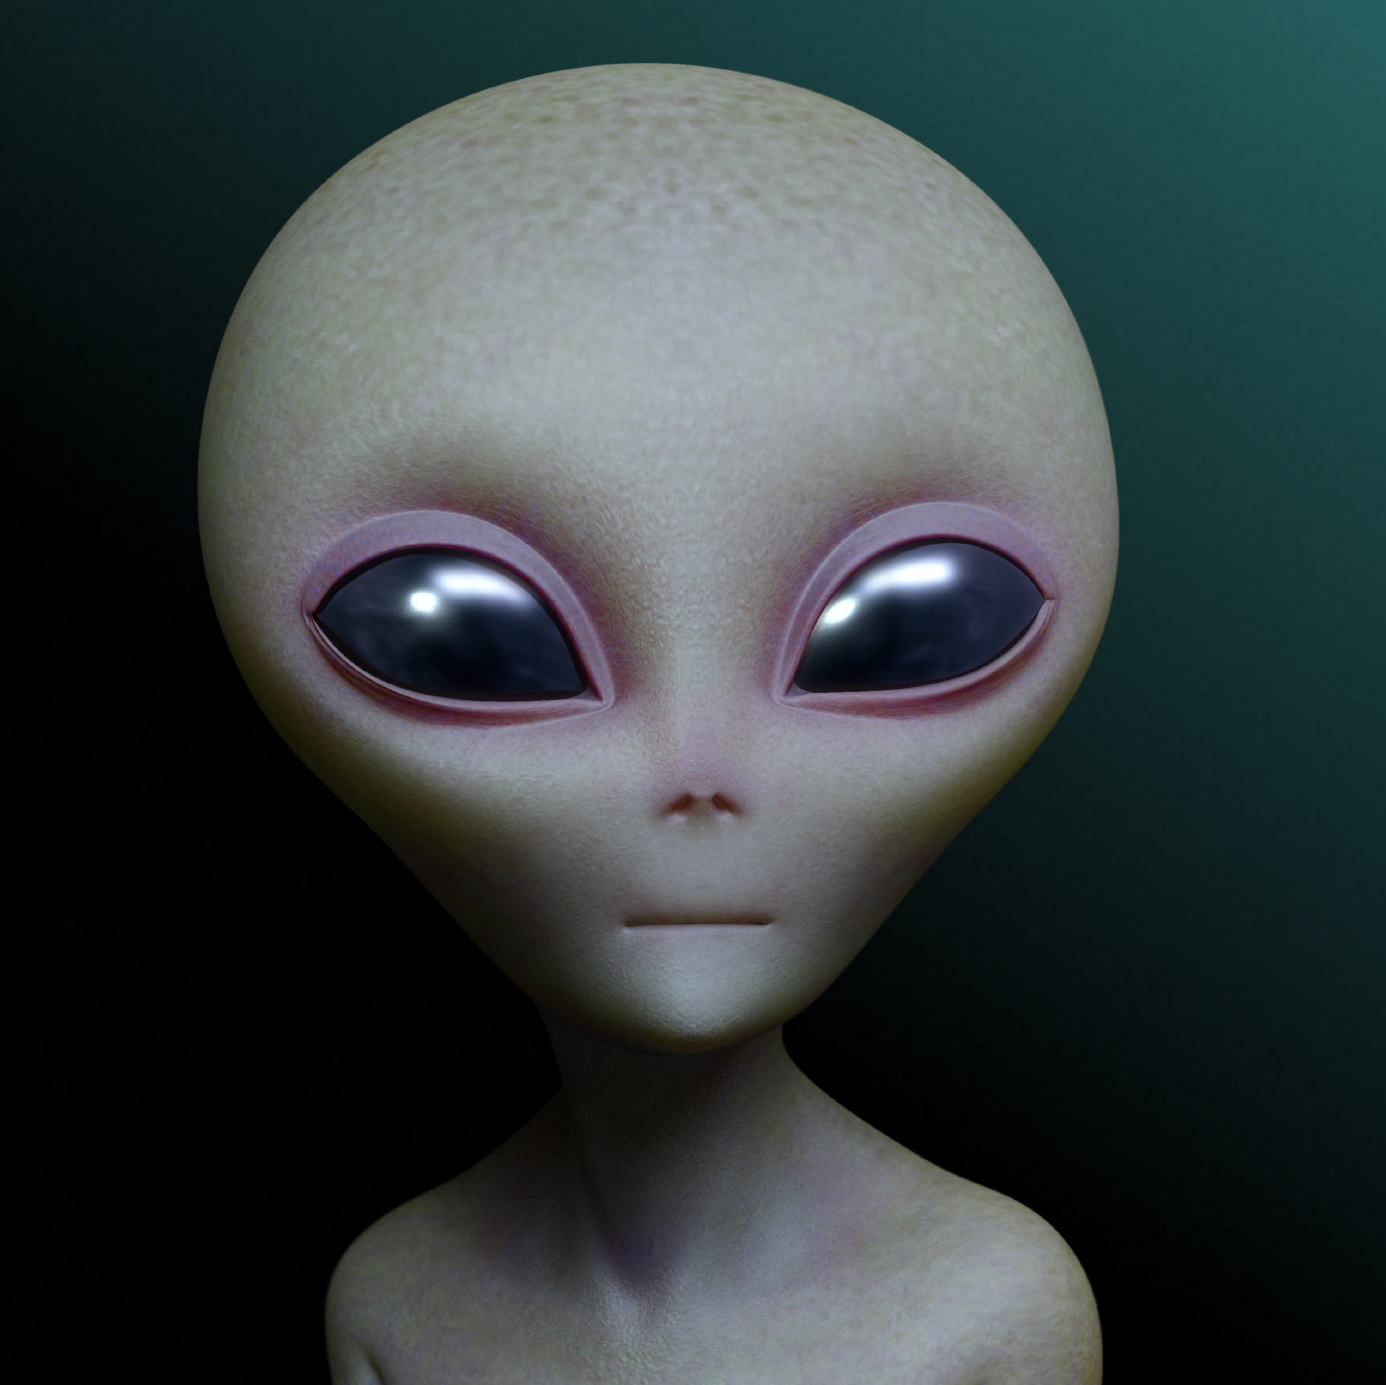 Những hình ảnh người ngoài hành tinh